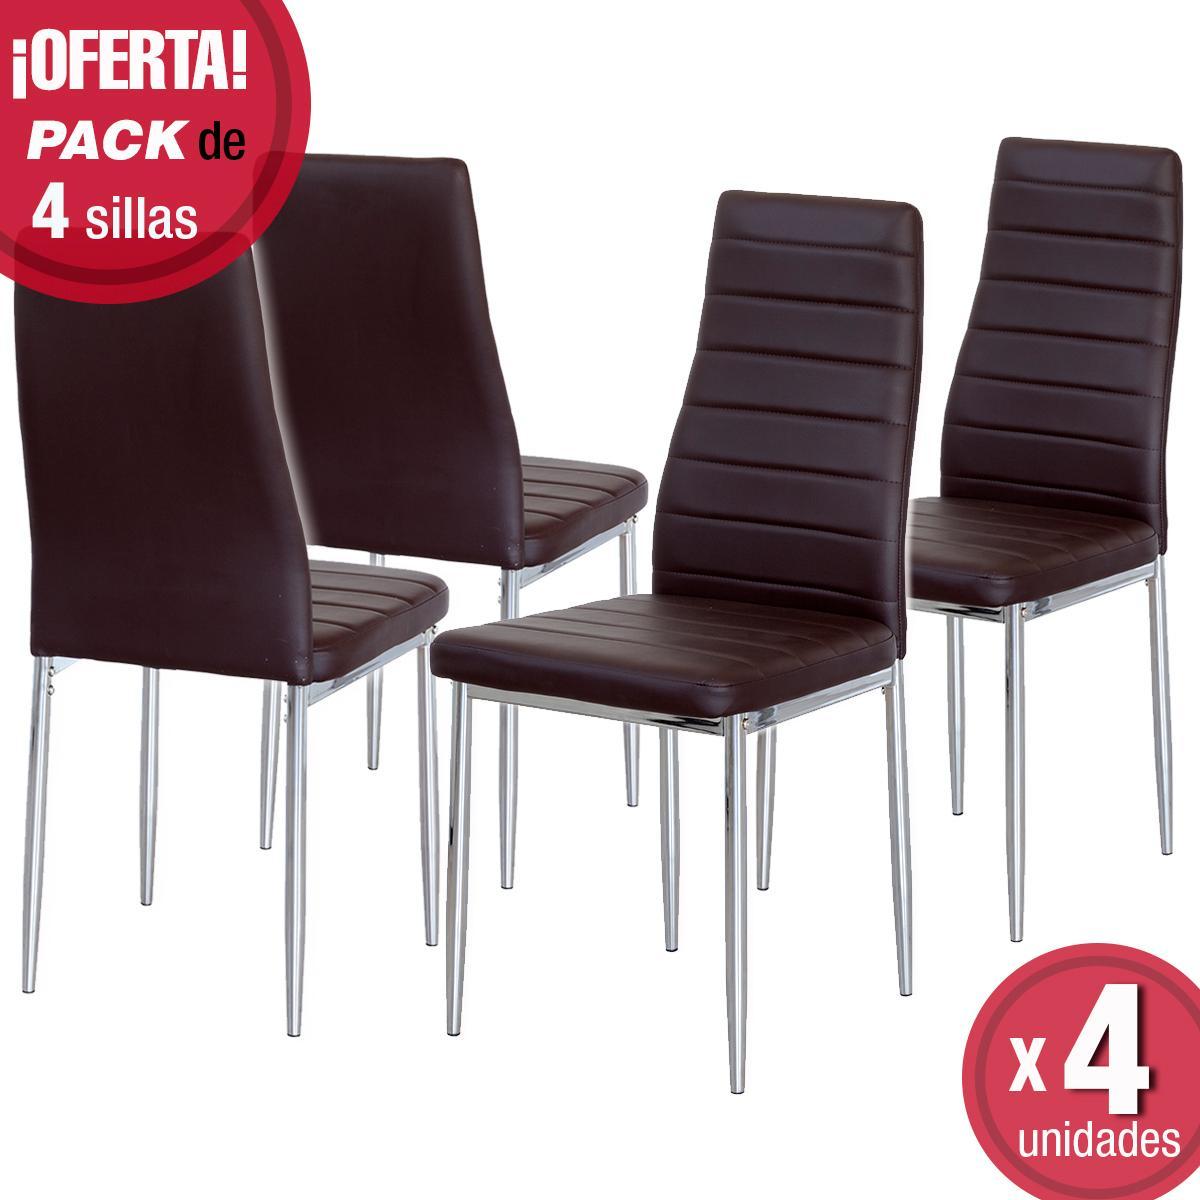 pack de 4 sillas de comedor b sica tapizada polipiel y